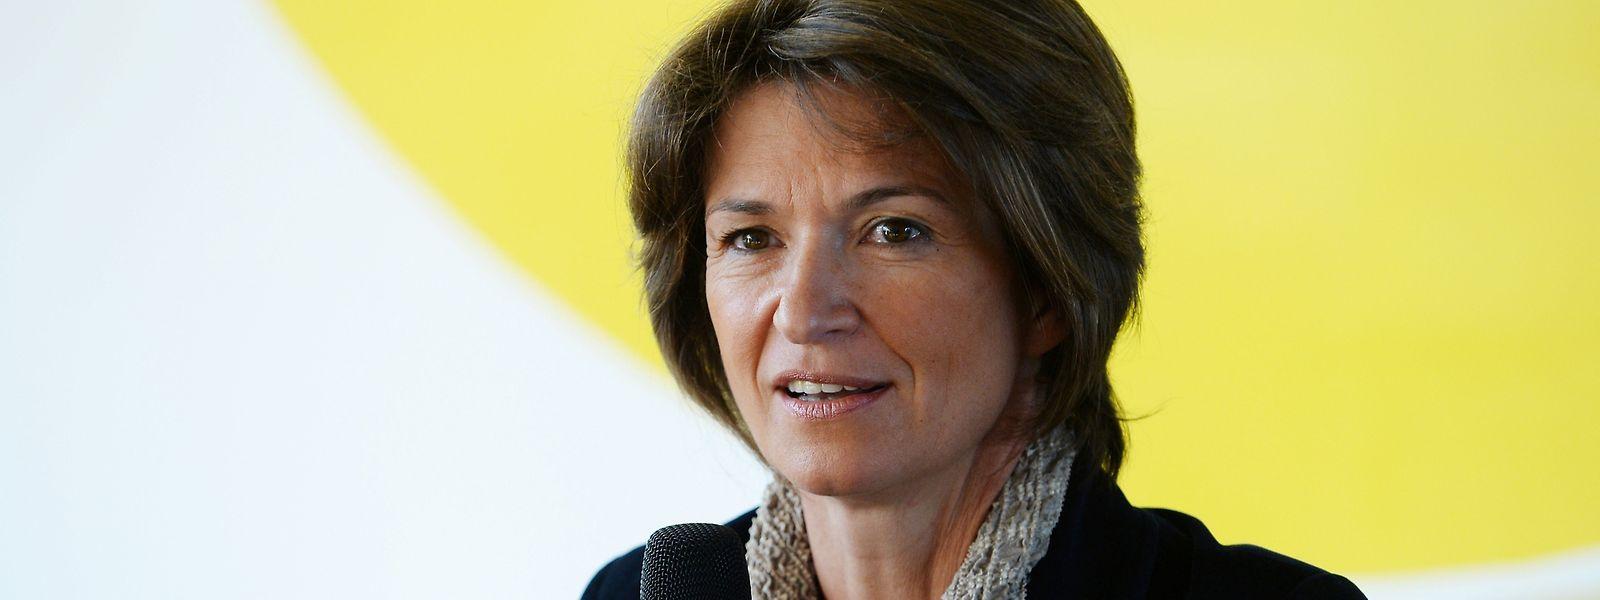 Engie n'est pas suspecté de fraude fiscale», a déclaré vendredi sa directrice générale, Isabelle Kocher.